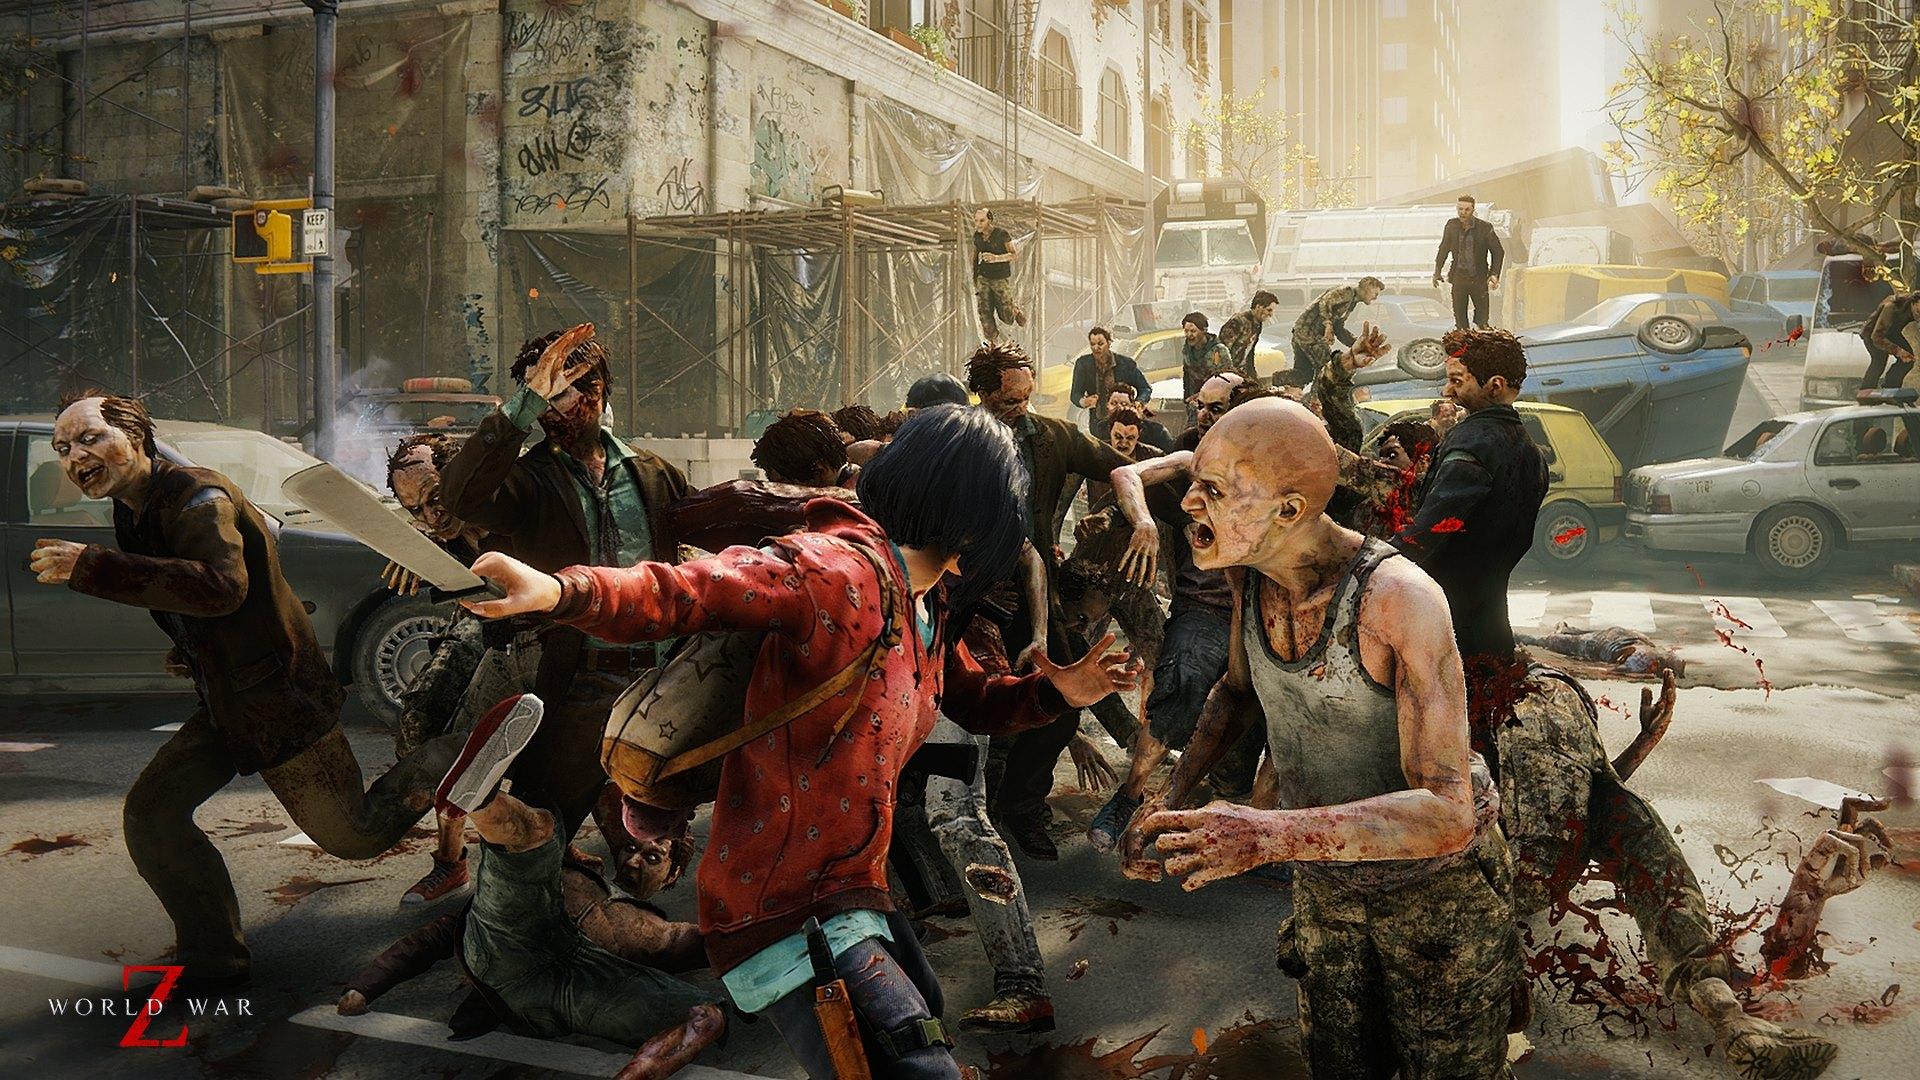 World War World War Z Zombie Game 1151599 Hd Wallpaper